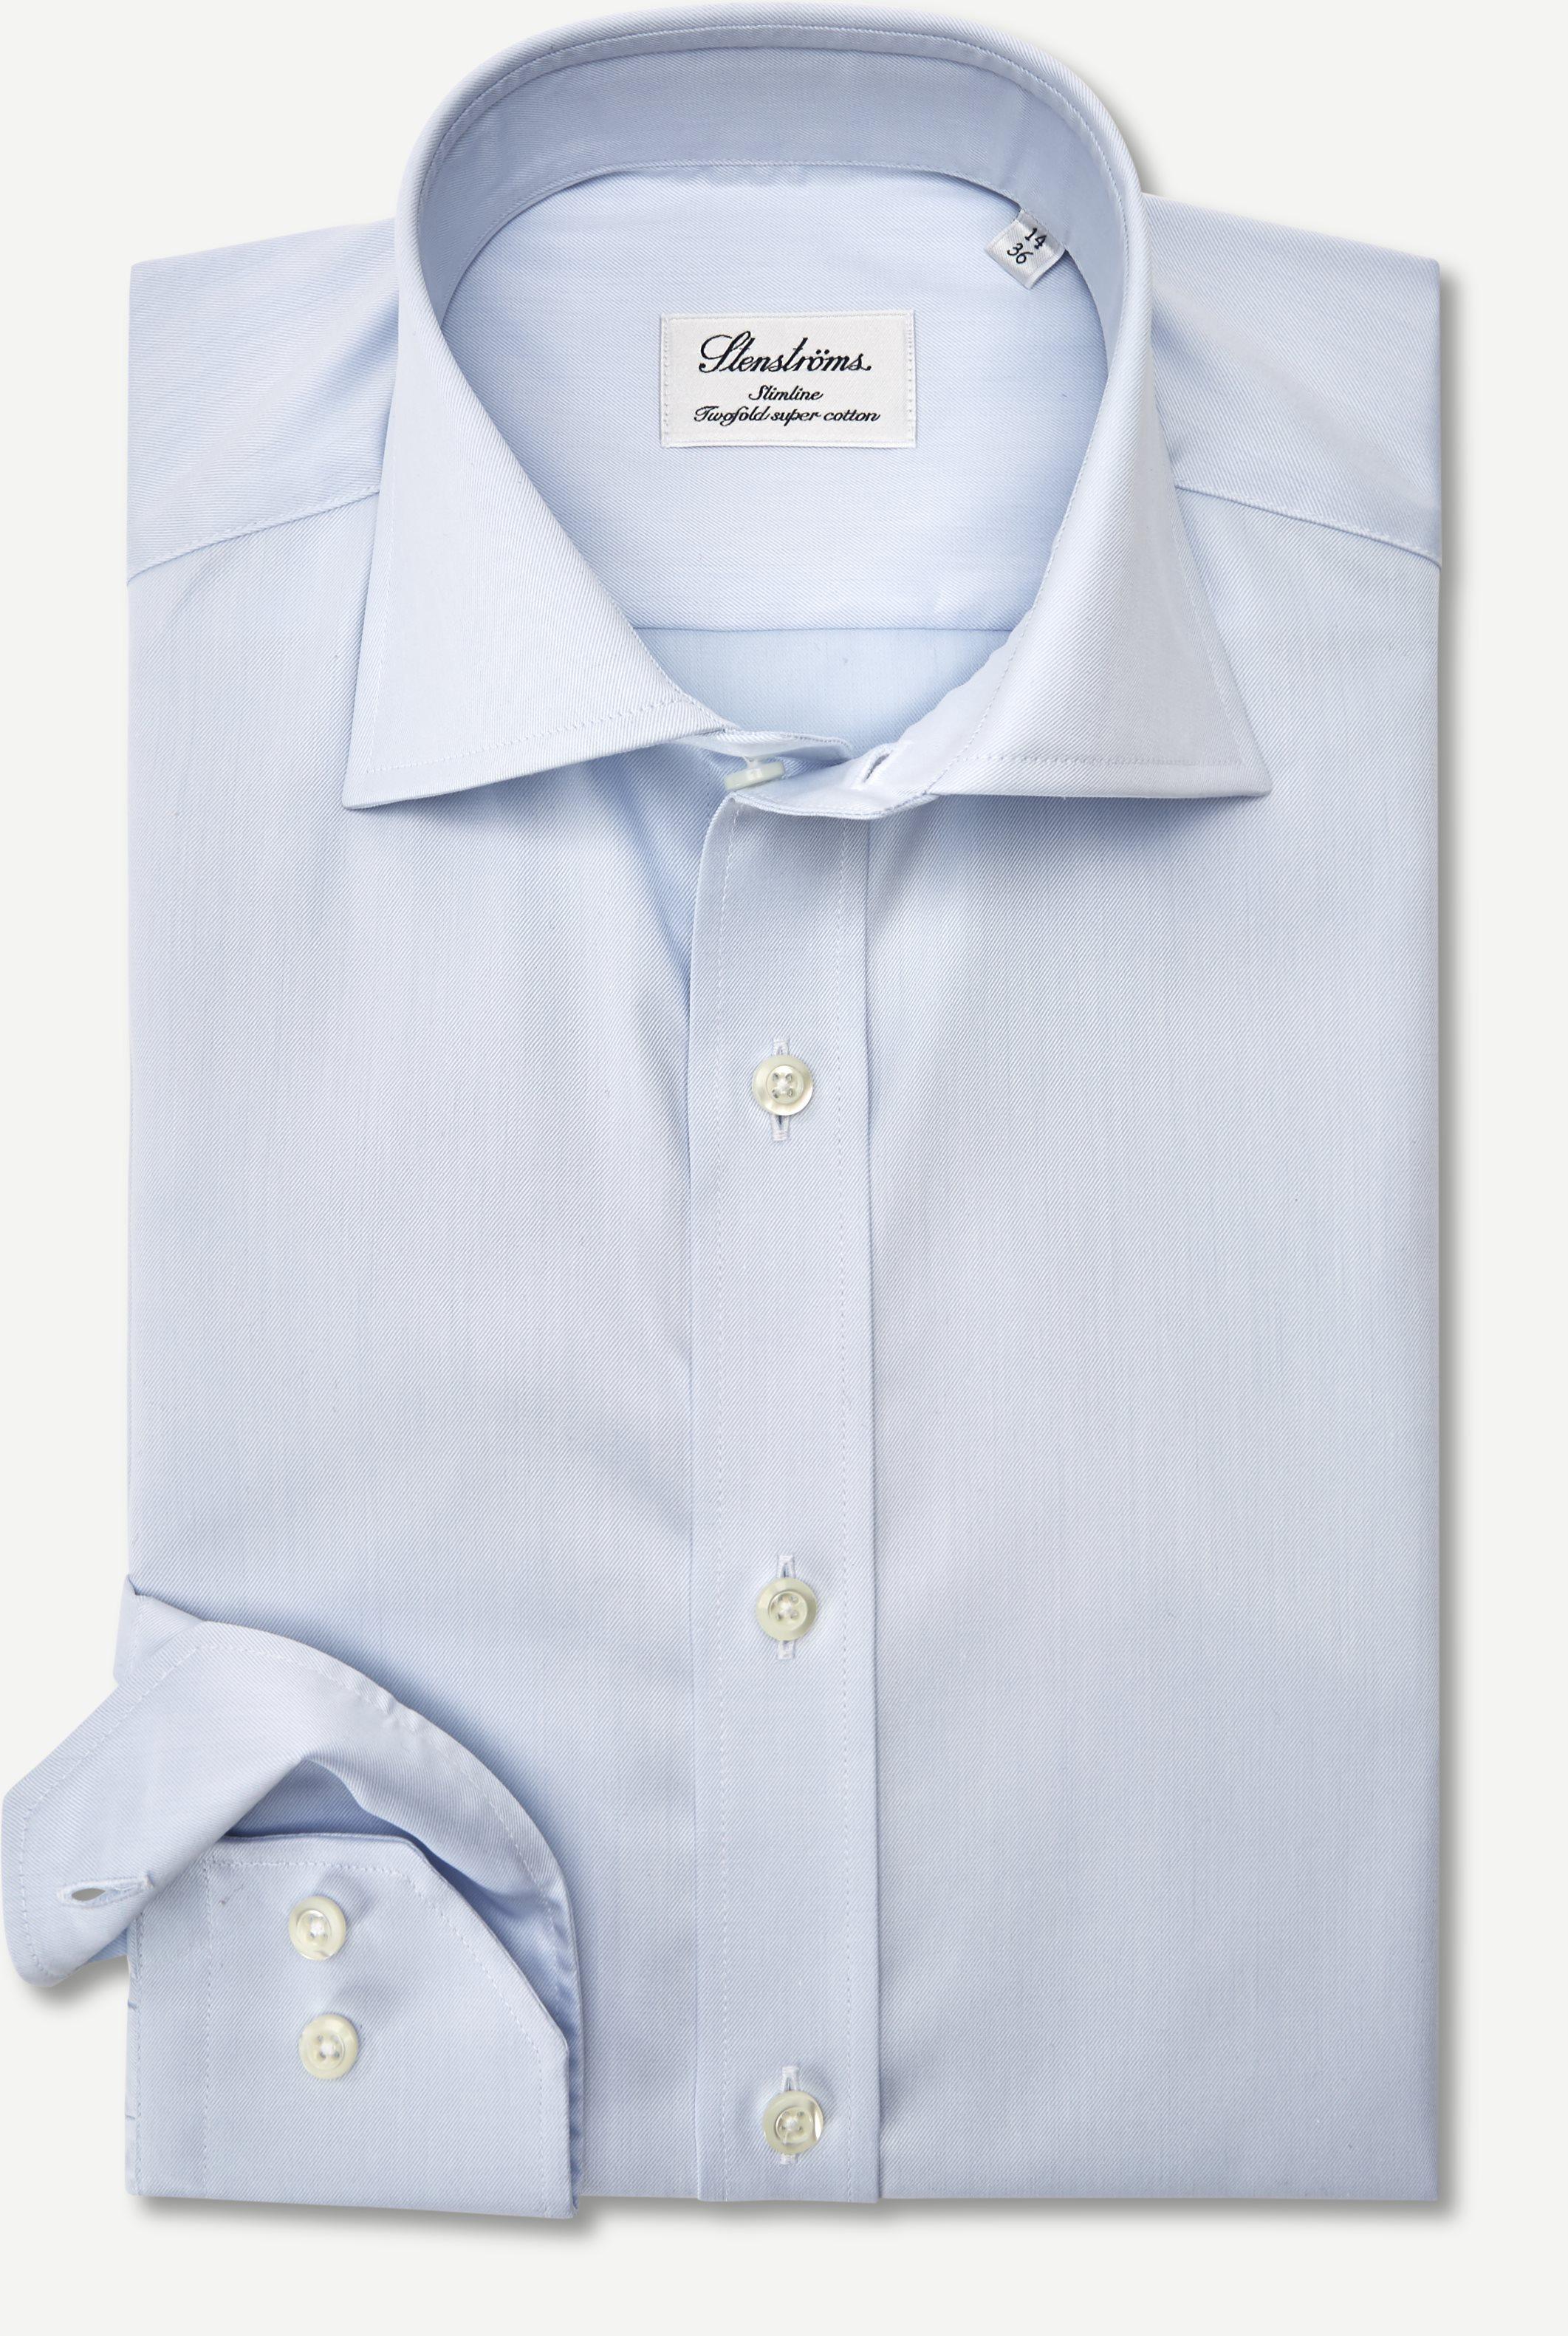 Twofold Super Cotton Skjorte - Skjorter - Slim fit - Blå